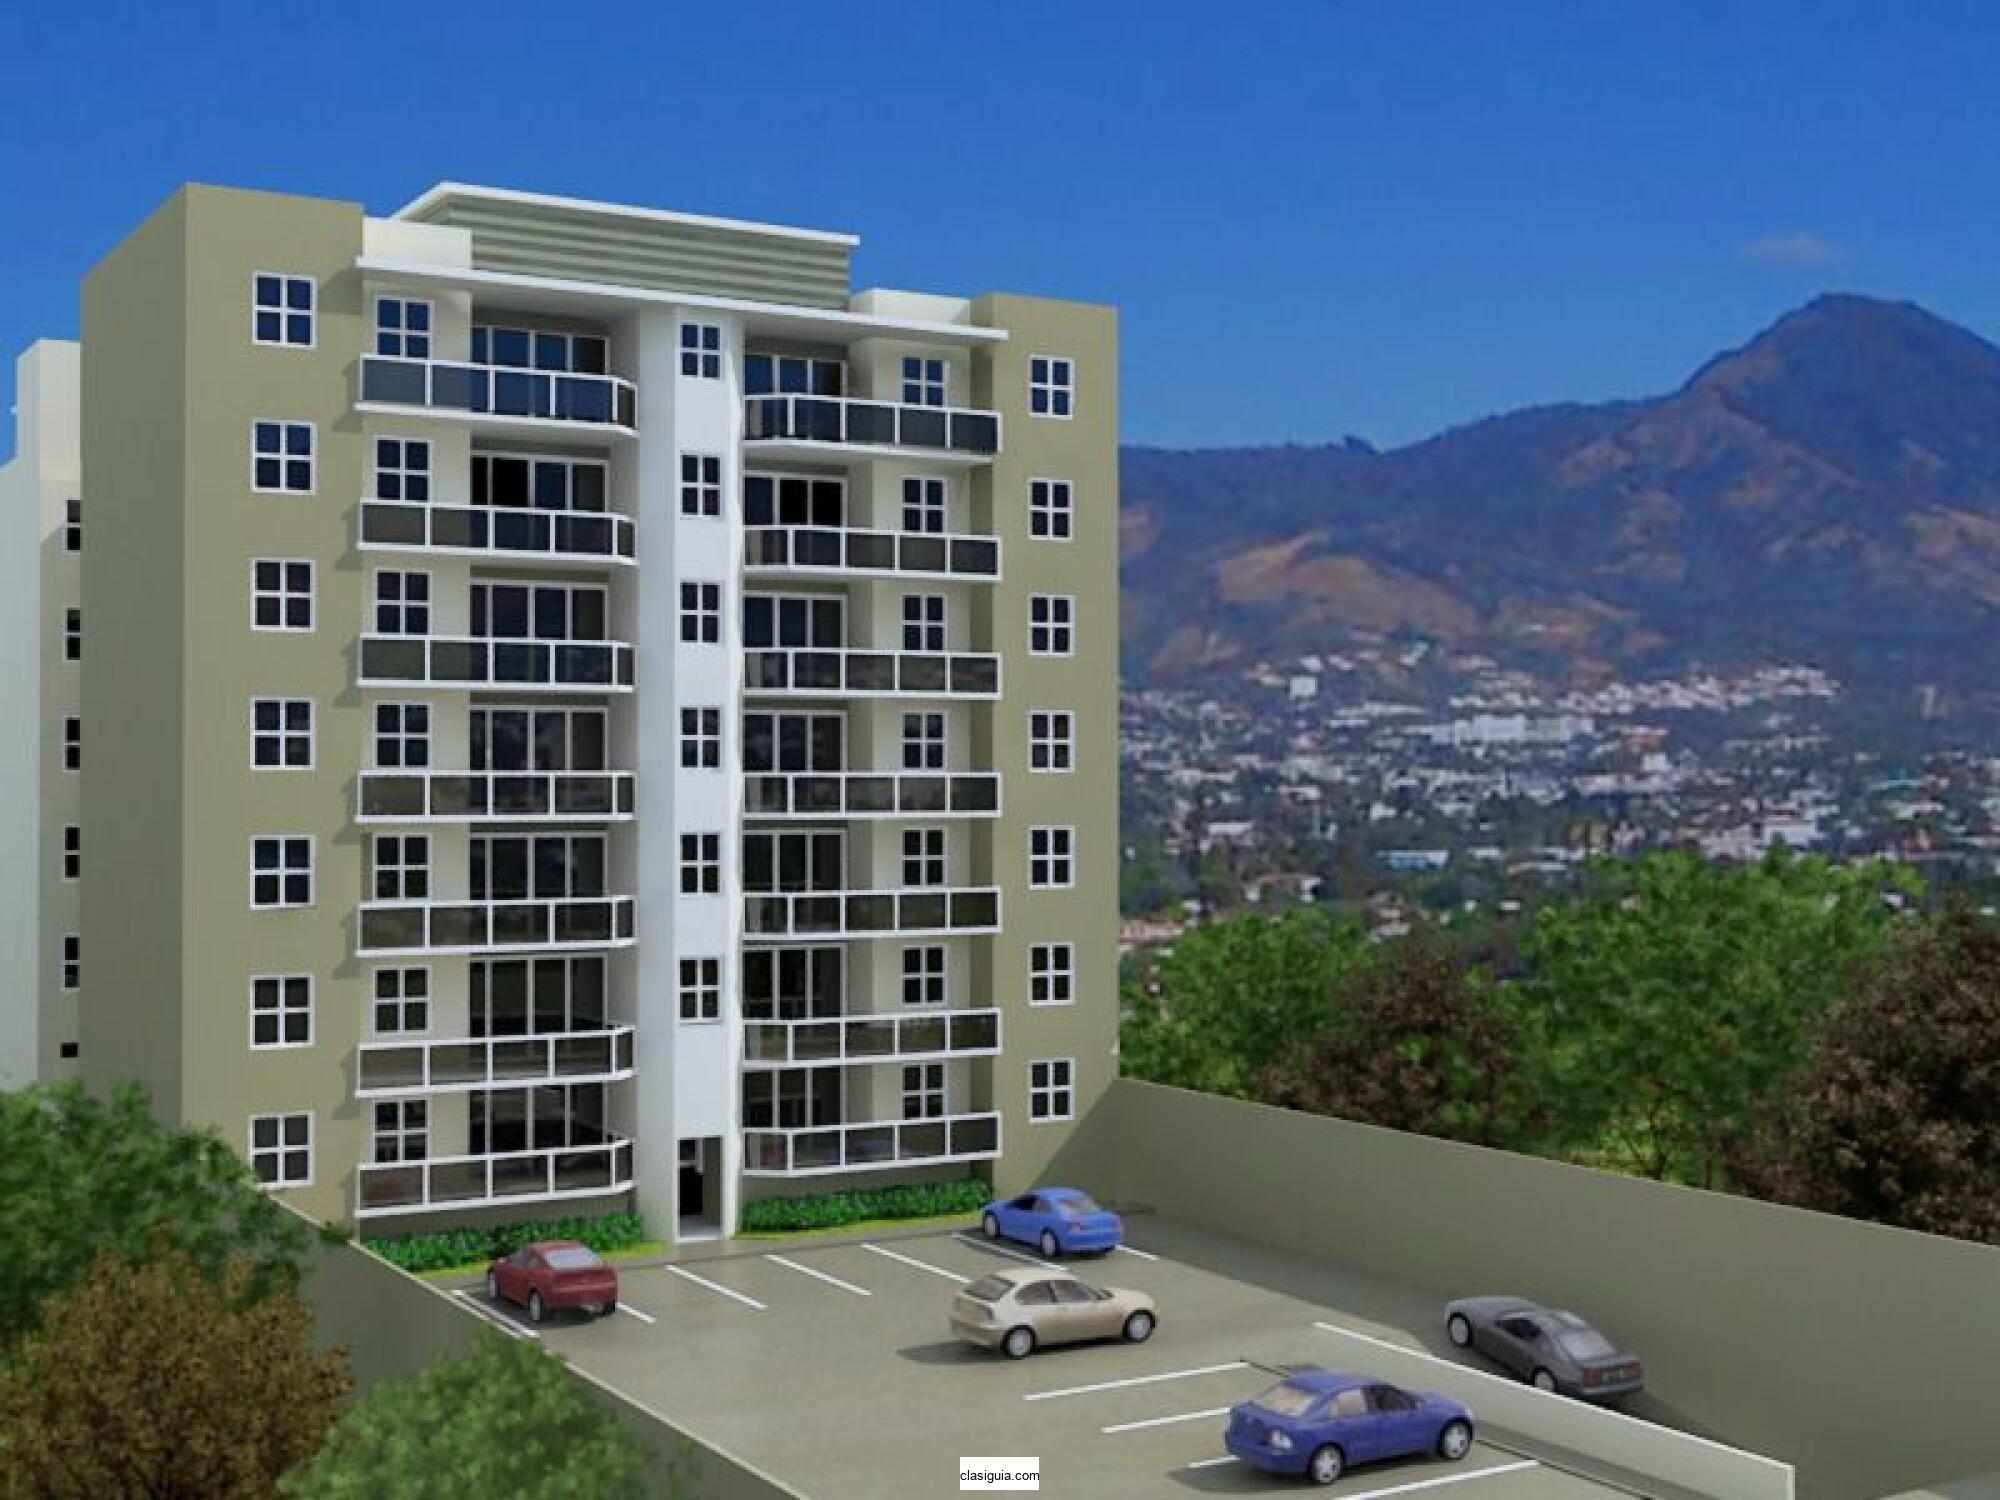 SE VENDE APARTAMENTO SAN BENITO TORRE NIZA, MODERNO, TIENE 140 mts2 de construccion